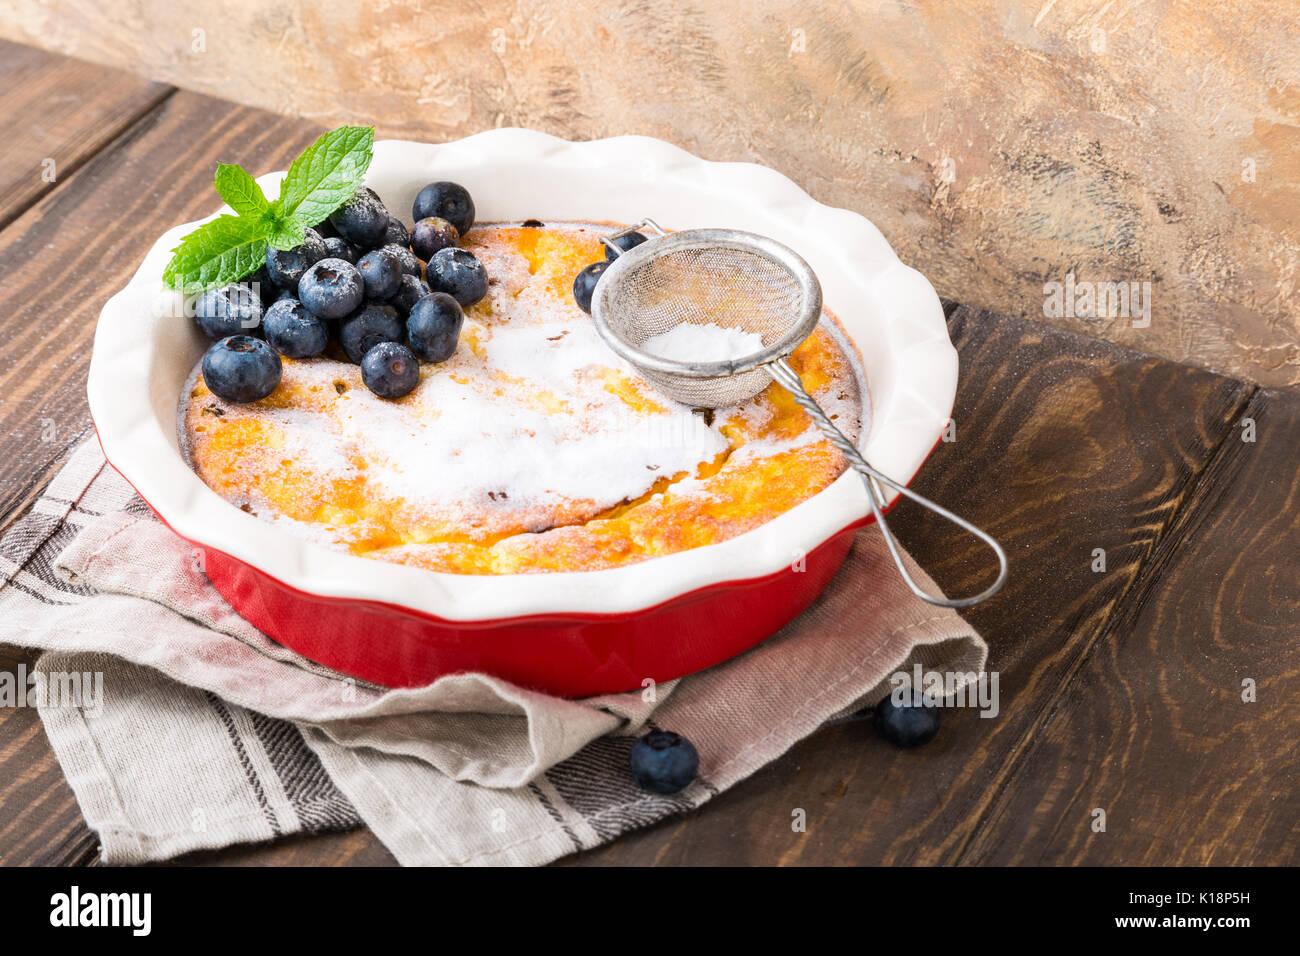 Délicieux gâteau au fromage fait maison Photo Stock